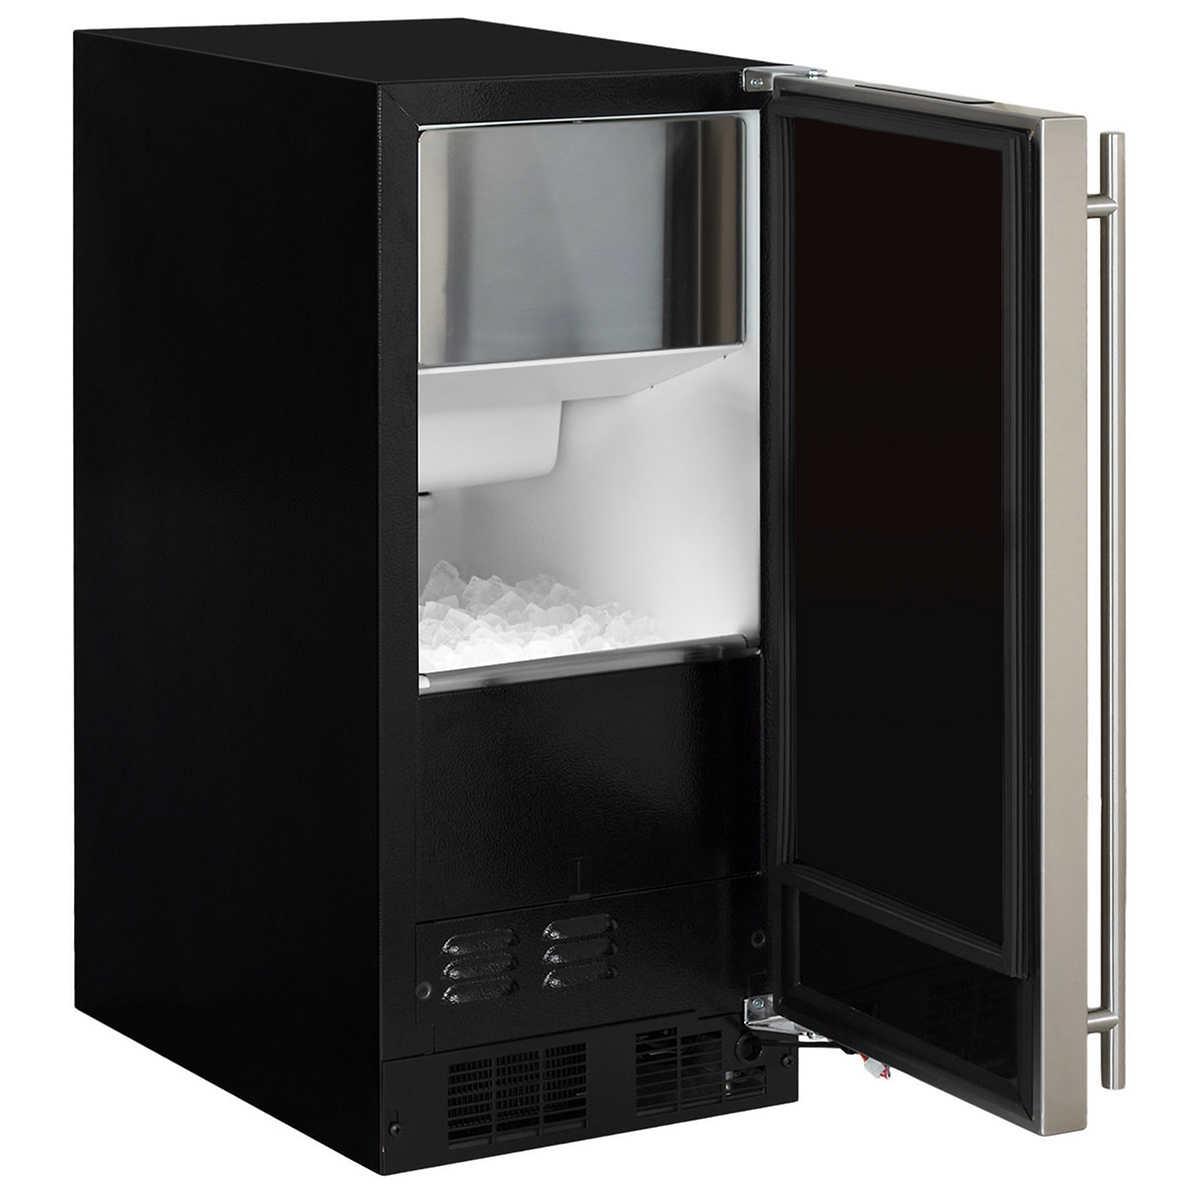 Pebble Ice Machine Freezers Ice Makers Costco